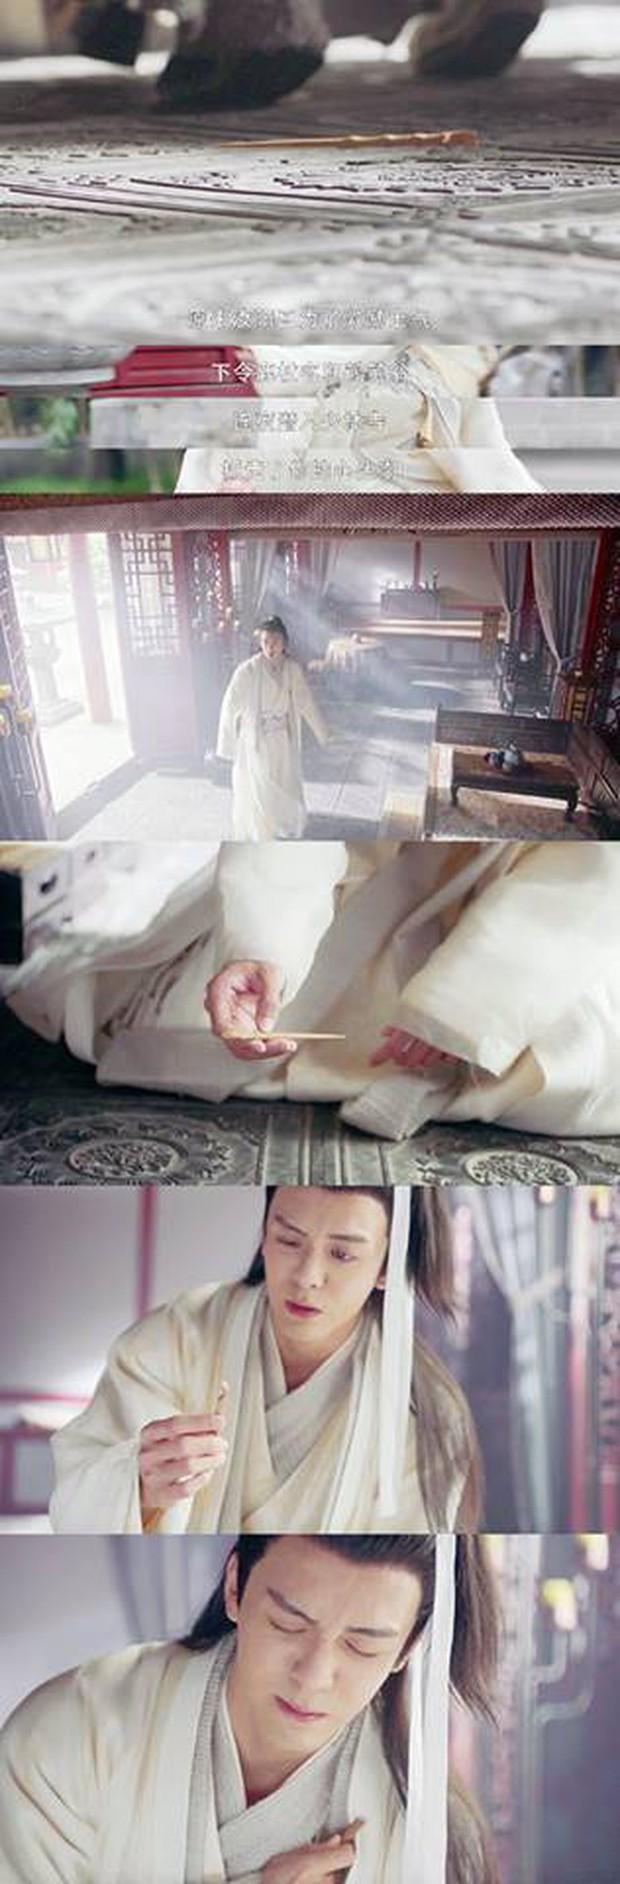 Nghiệp quật là có thật: Thấy Trương Vô Kỵ khóc lết bên mộ Triệu Mẫn, fan chỉ cười hả hê sung sướng - Ảnh 1.